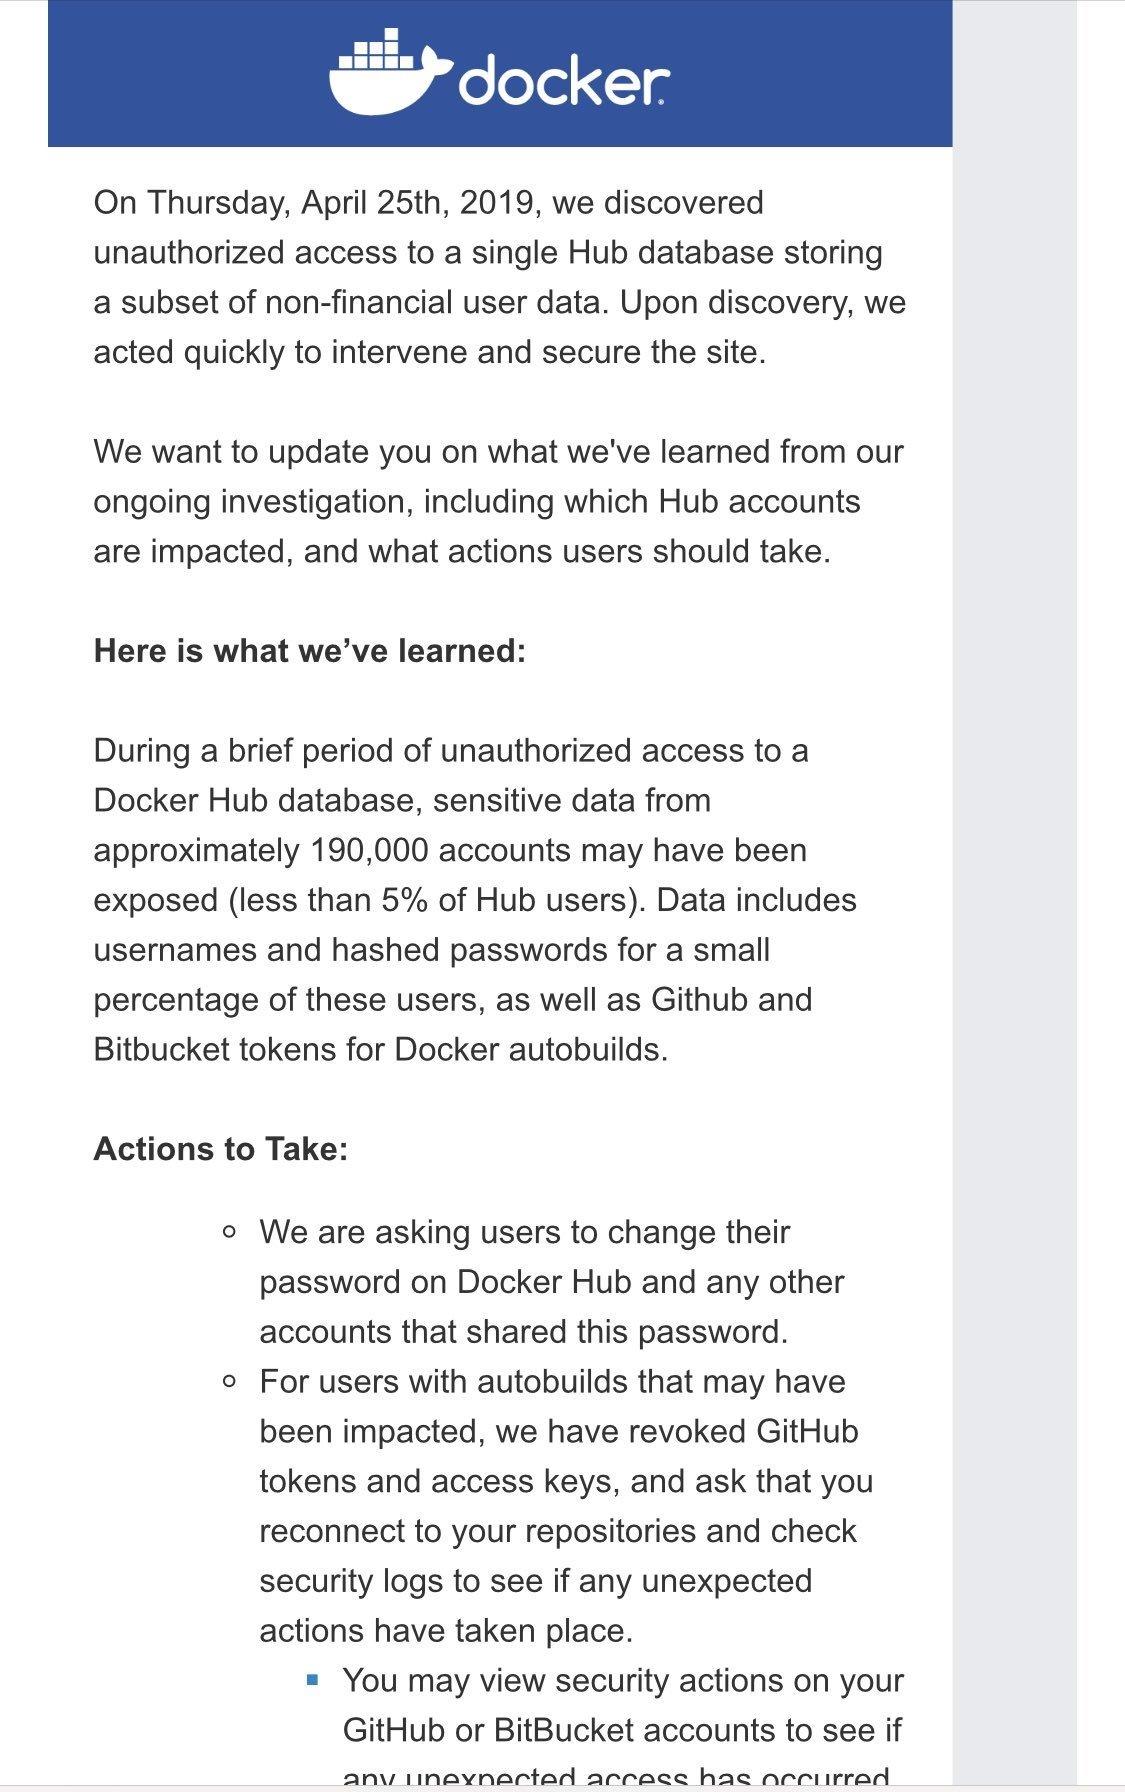 mensagem do email da docker